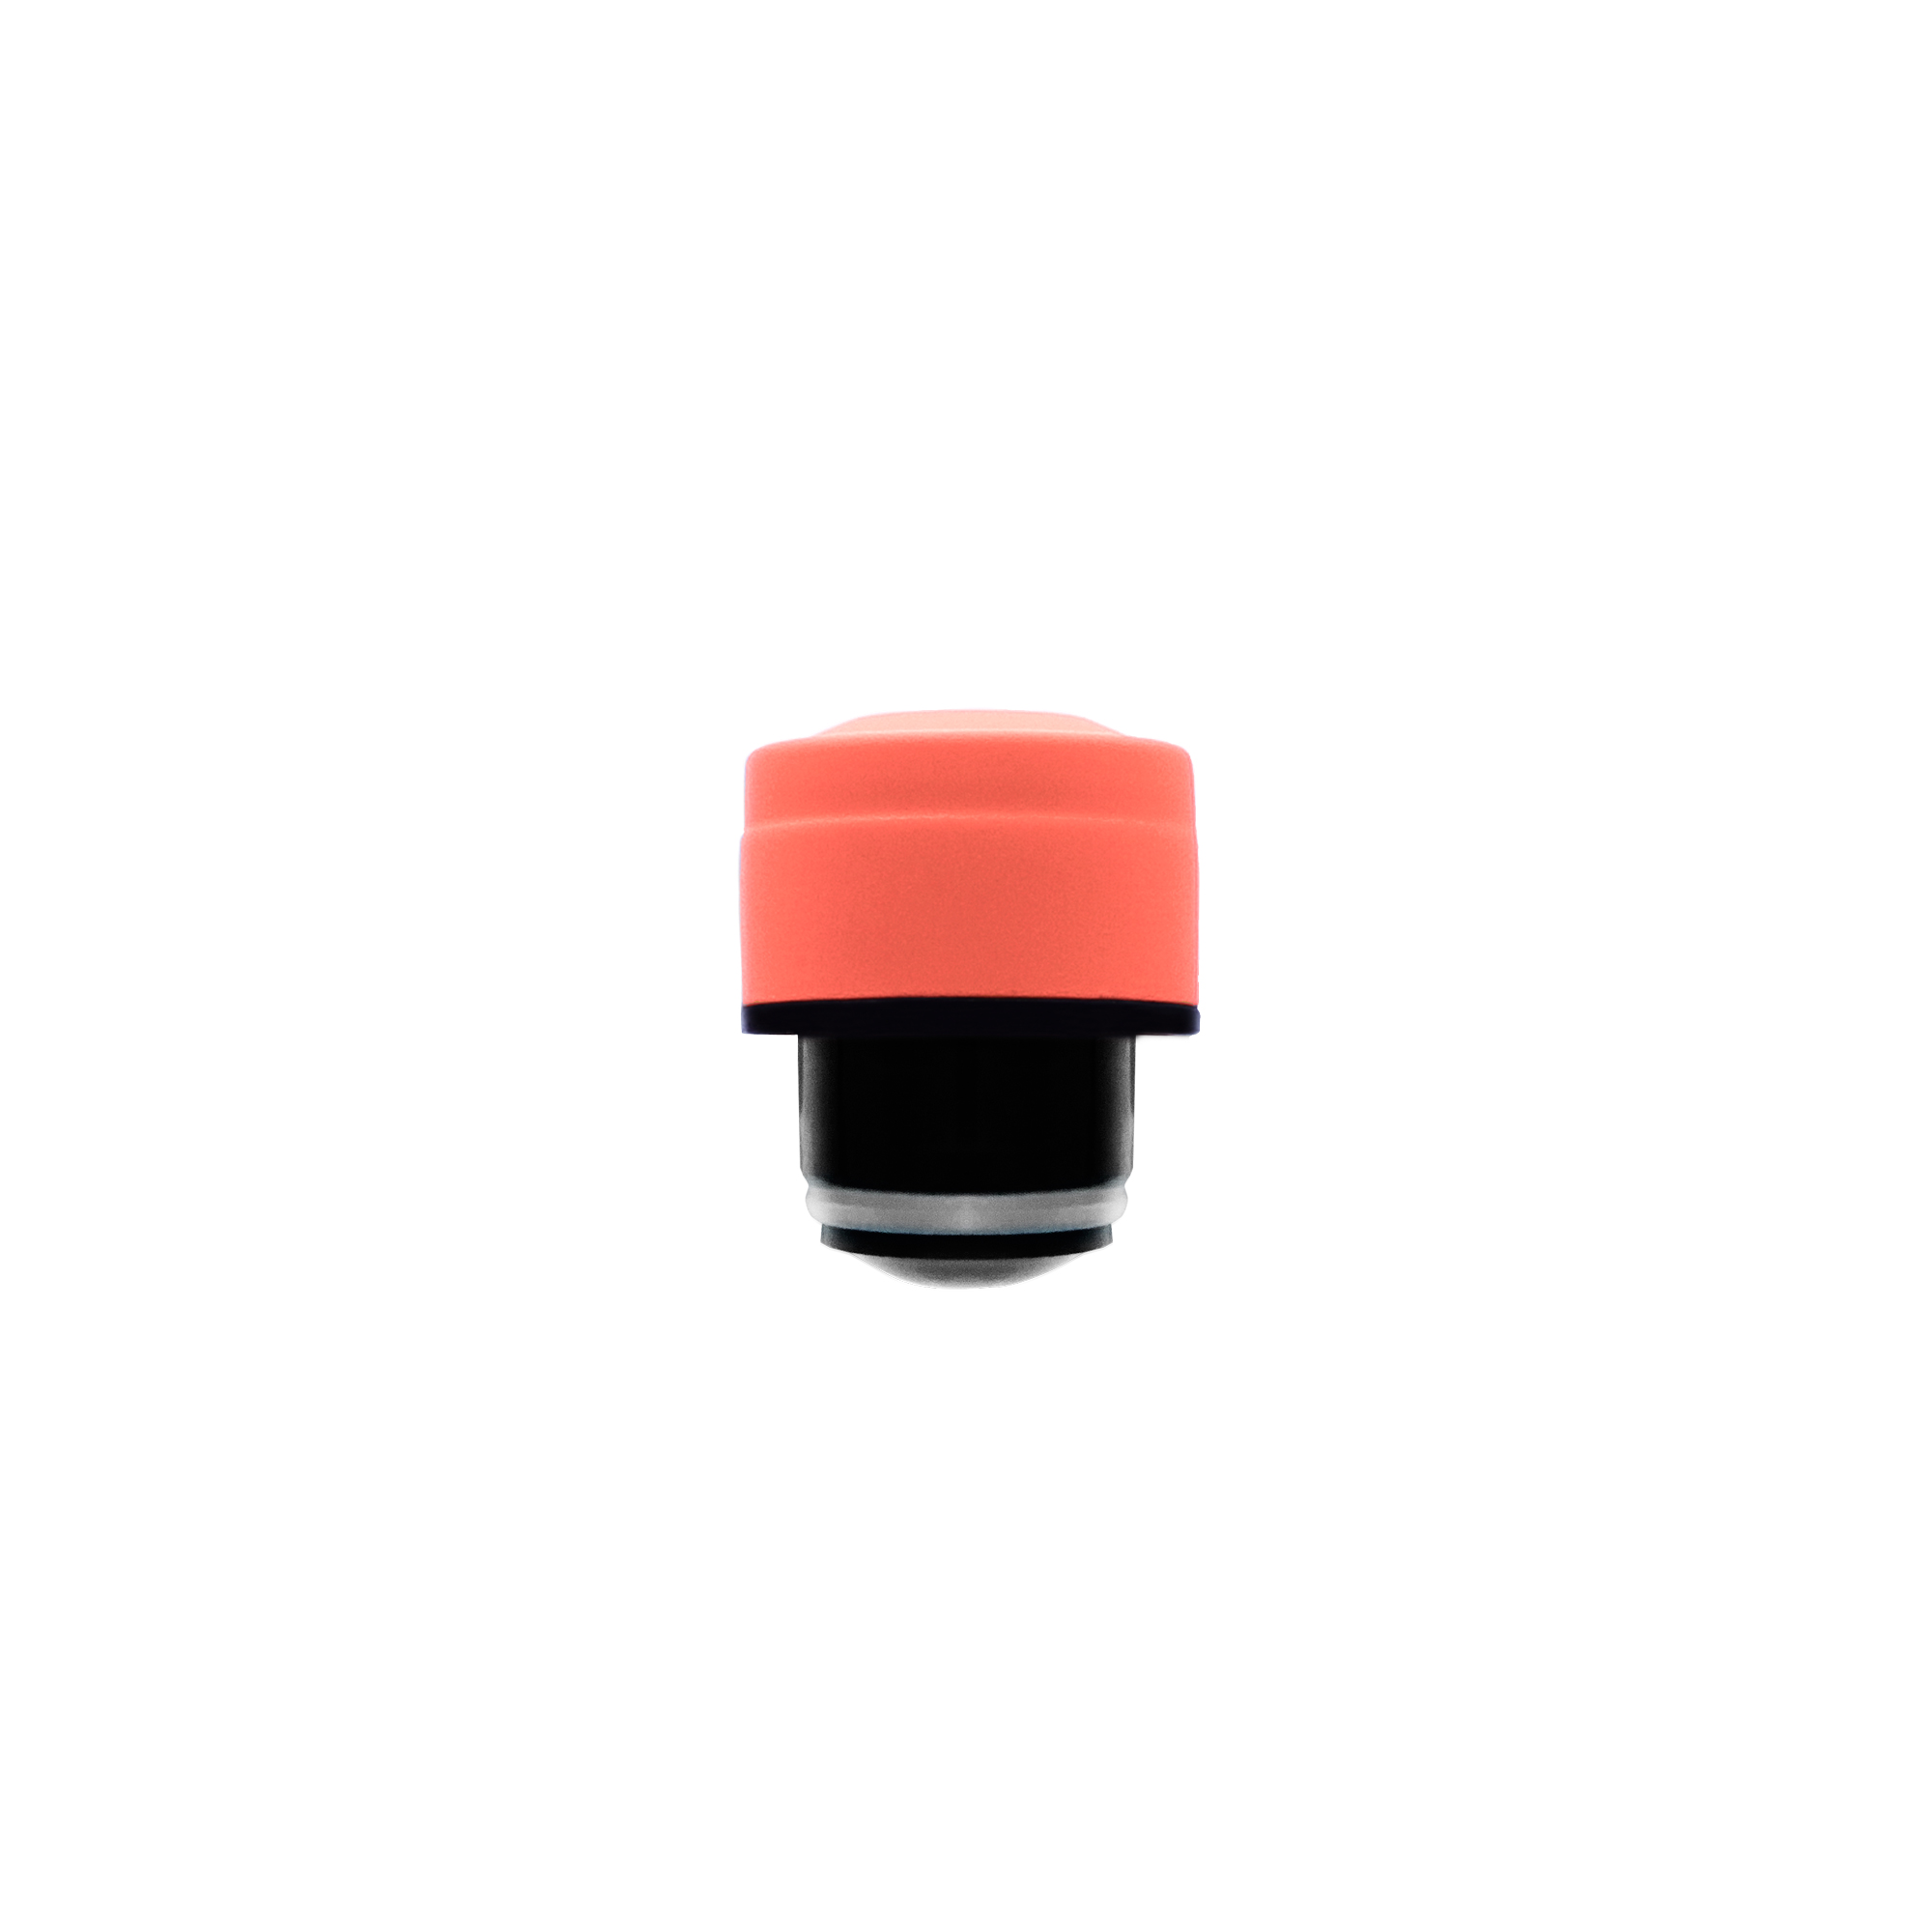 Tú botella de acero inoxidable - Tapón Pastel Coral 5